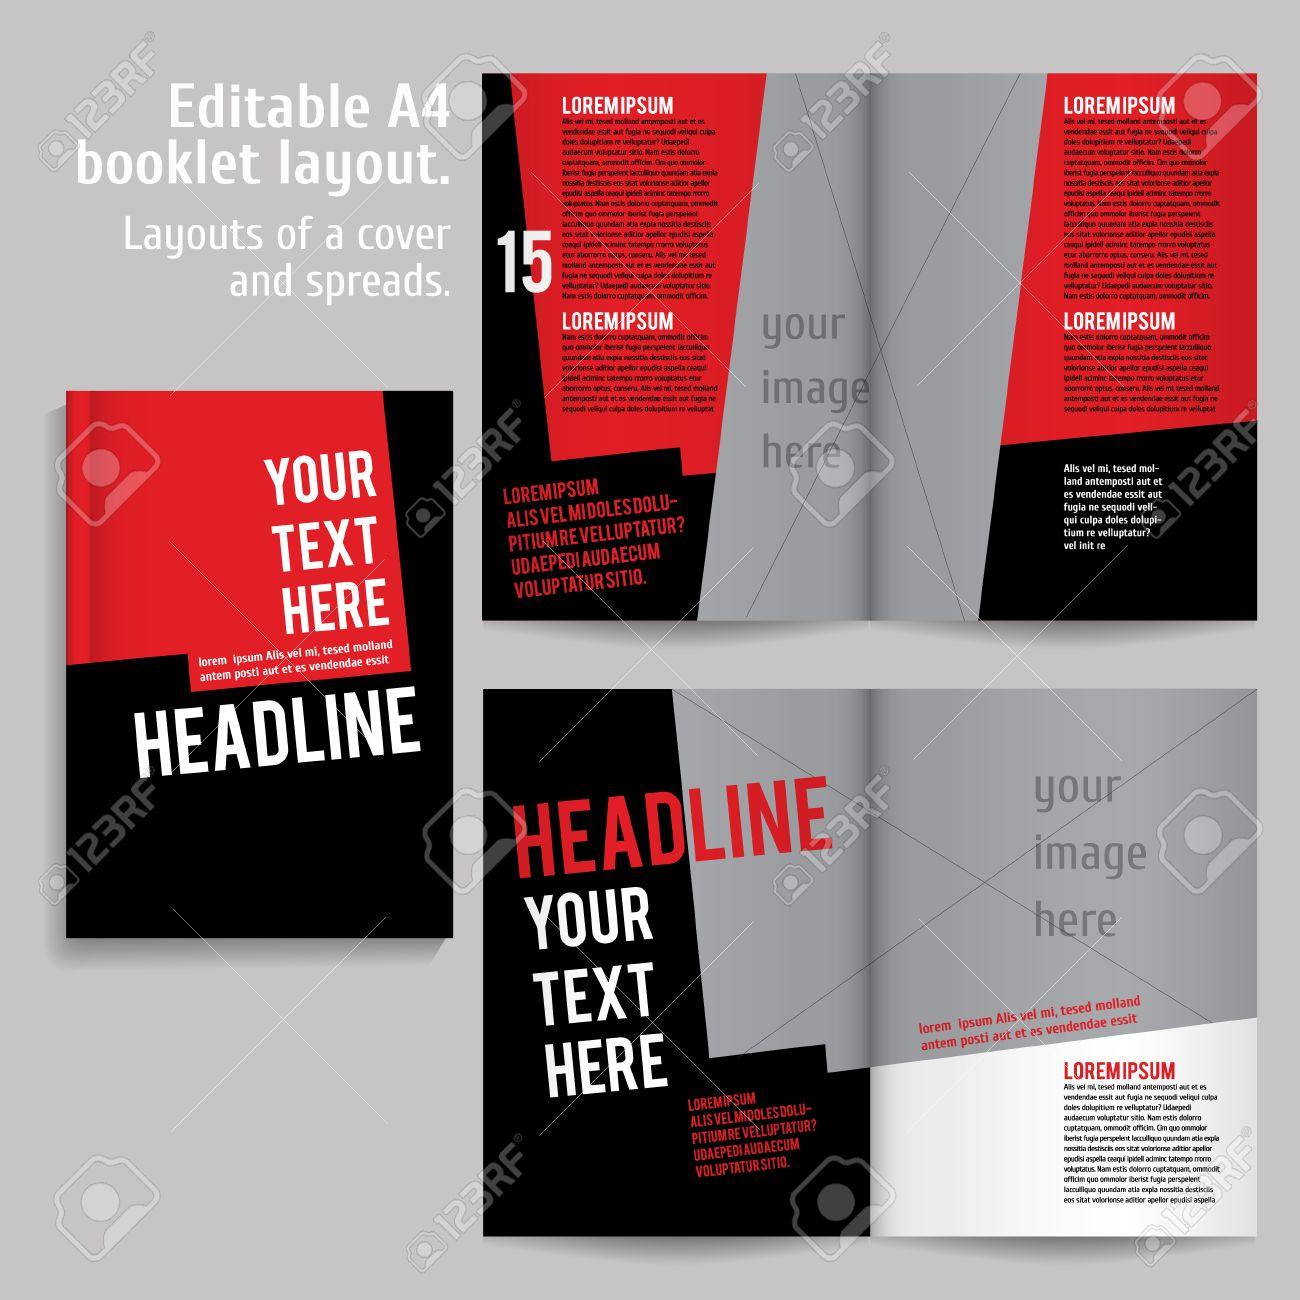 A4 Libro Diseño De Plantillas De Diseño Con Tapa Y 2 Diferenciales ...